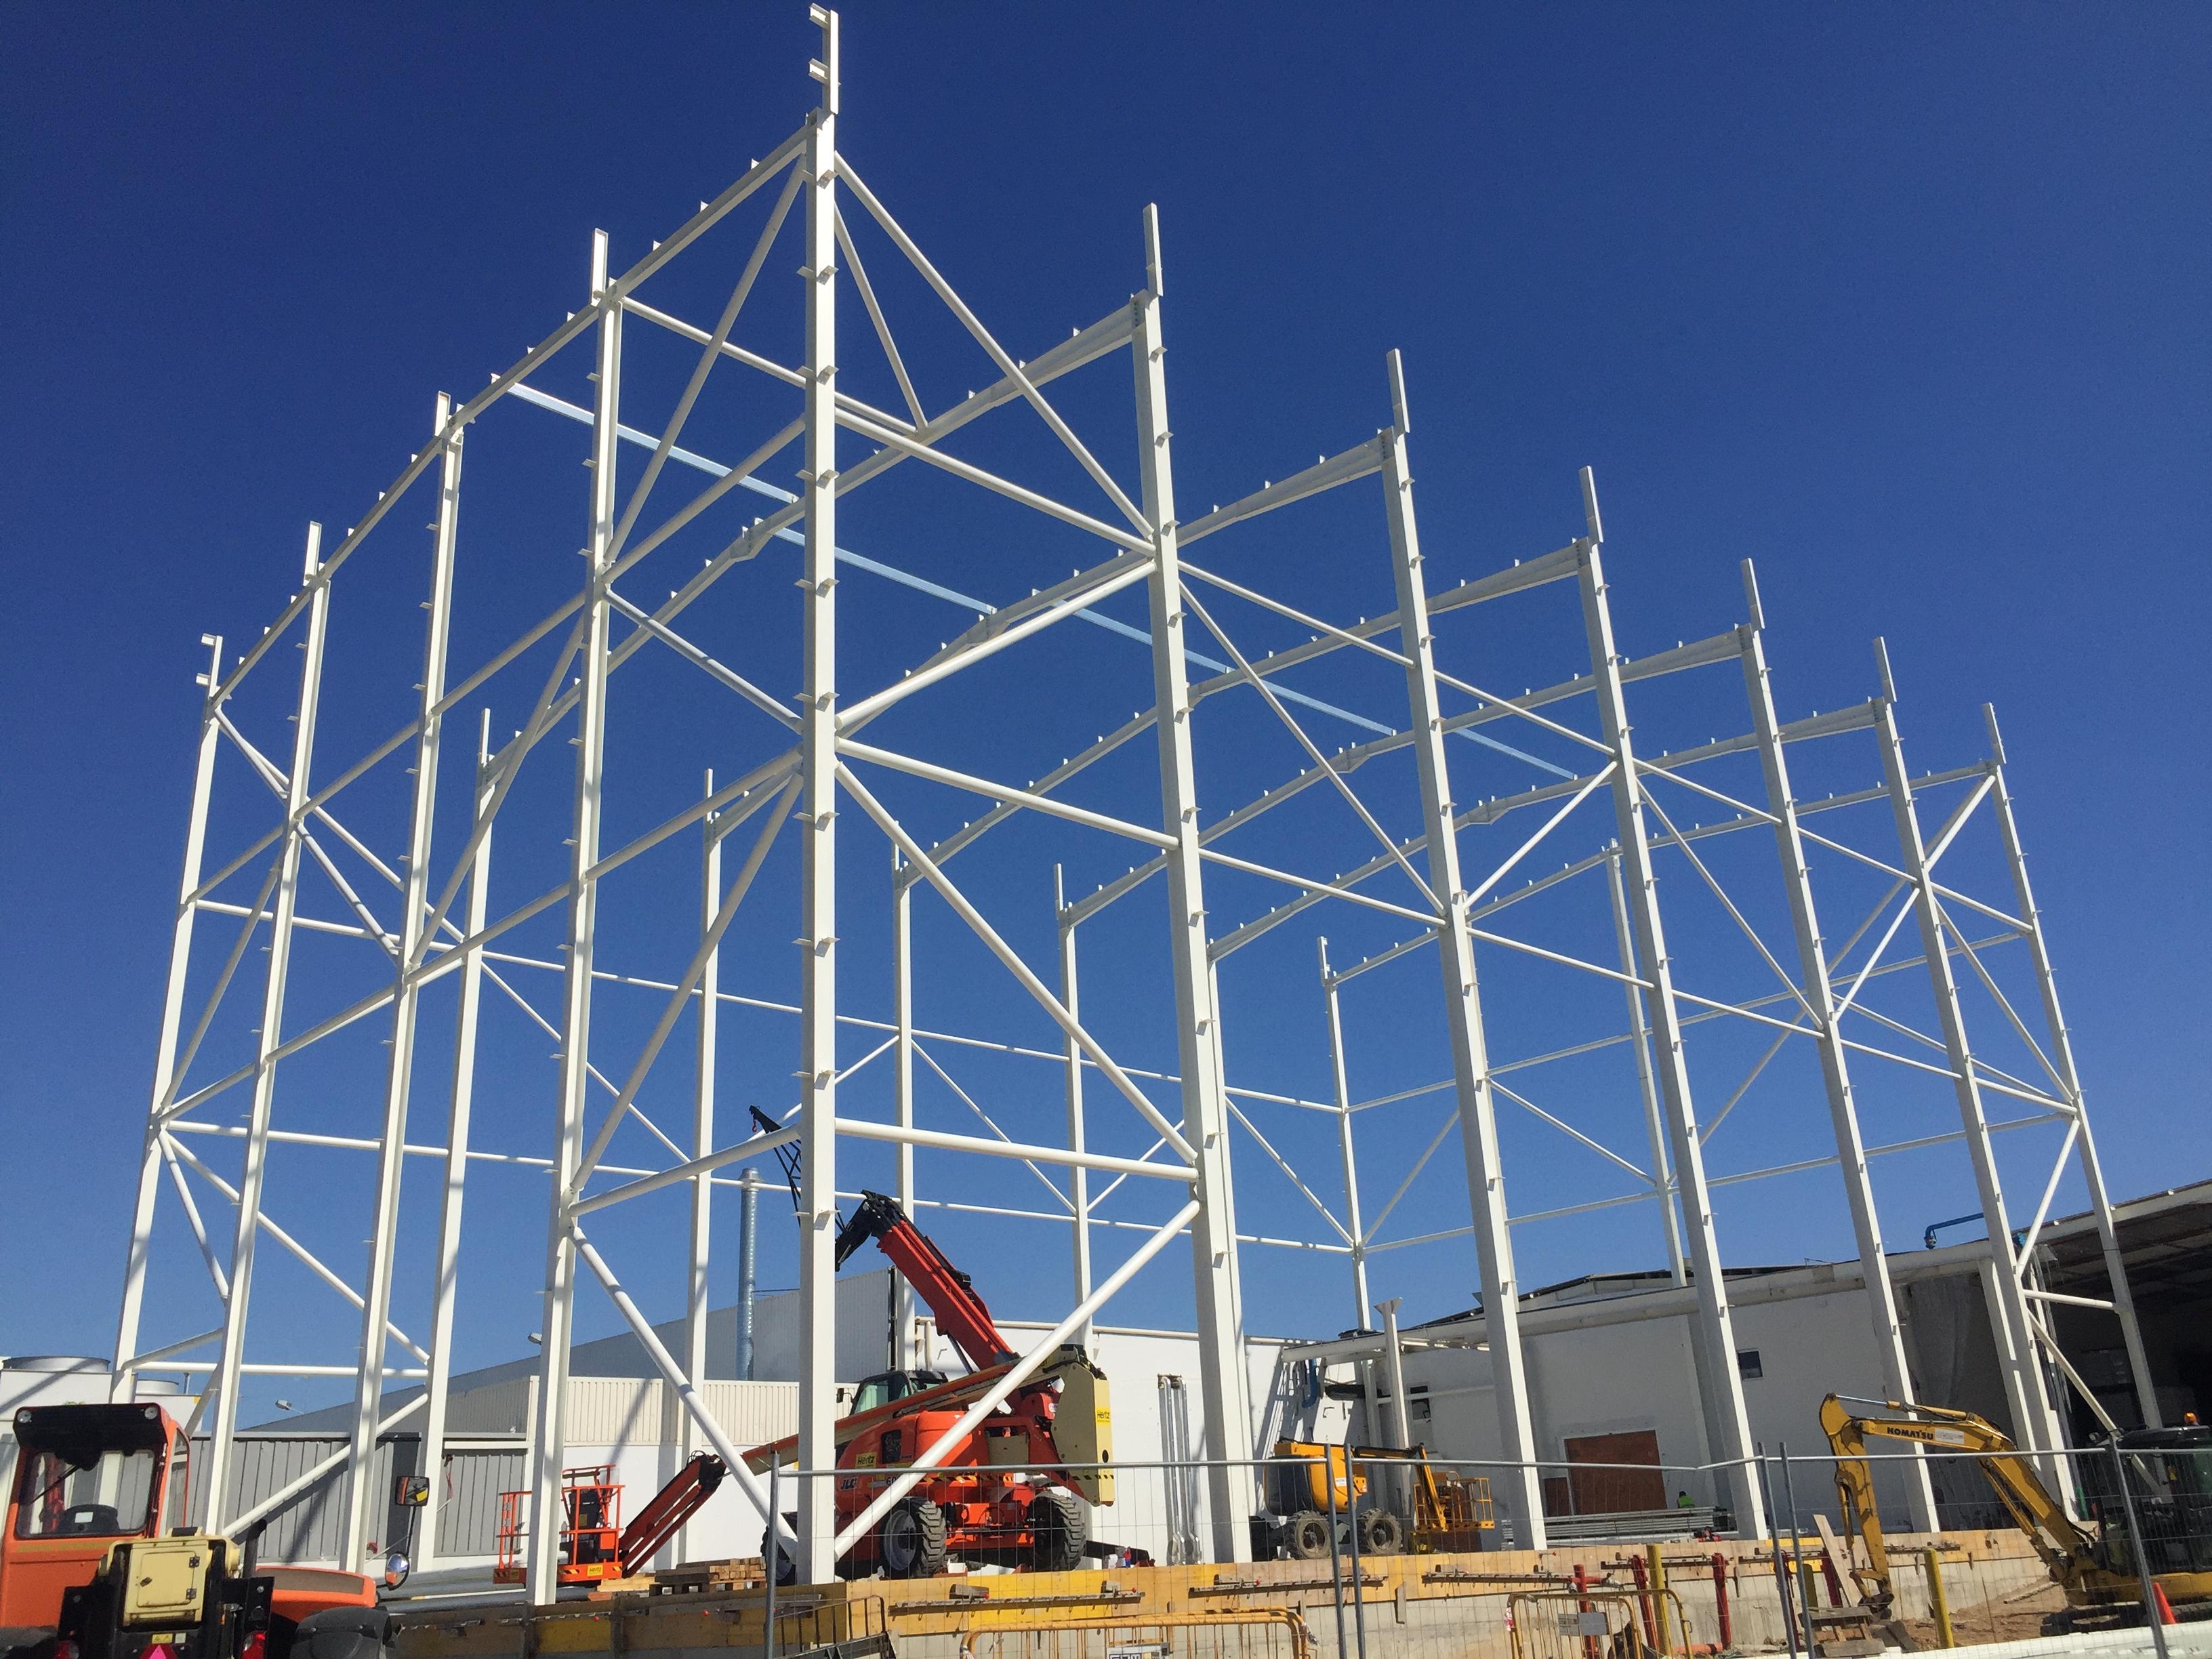 SPM | Novo projeto de engenharia a decorrer, novo edifício industrial com 20m de altura para a empresa Visteon! (Palmela-setubal)